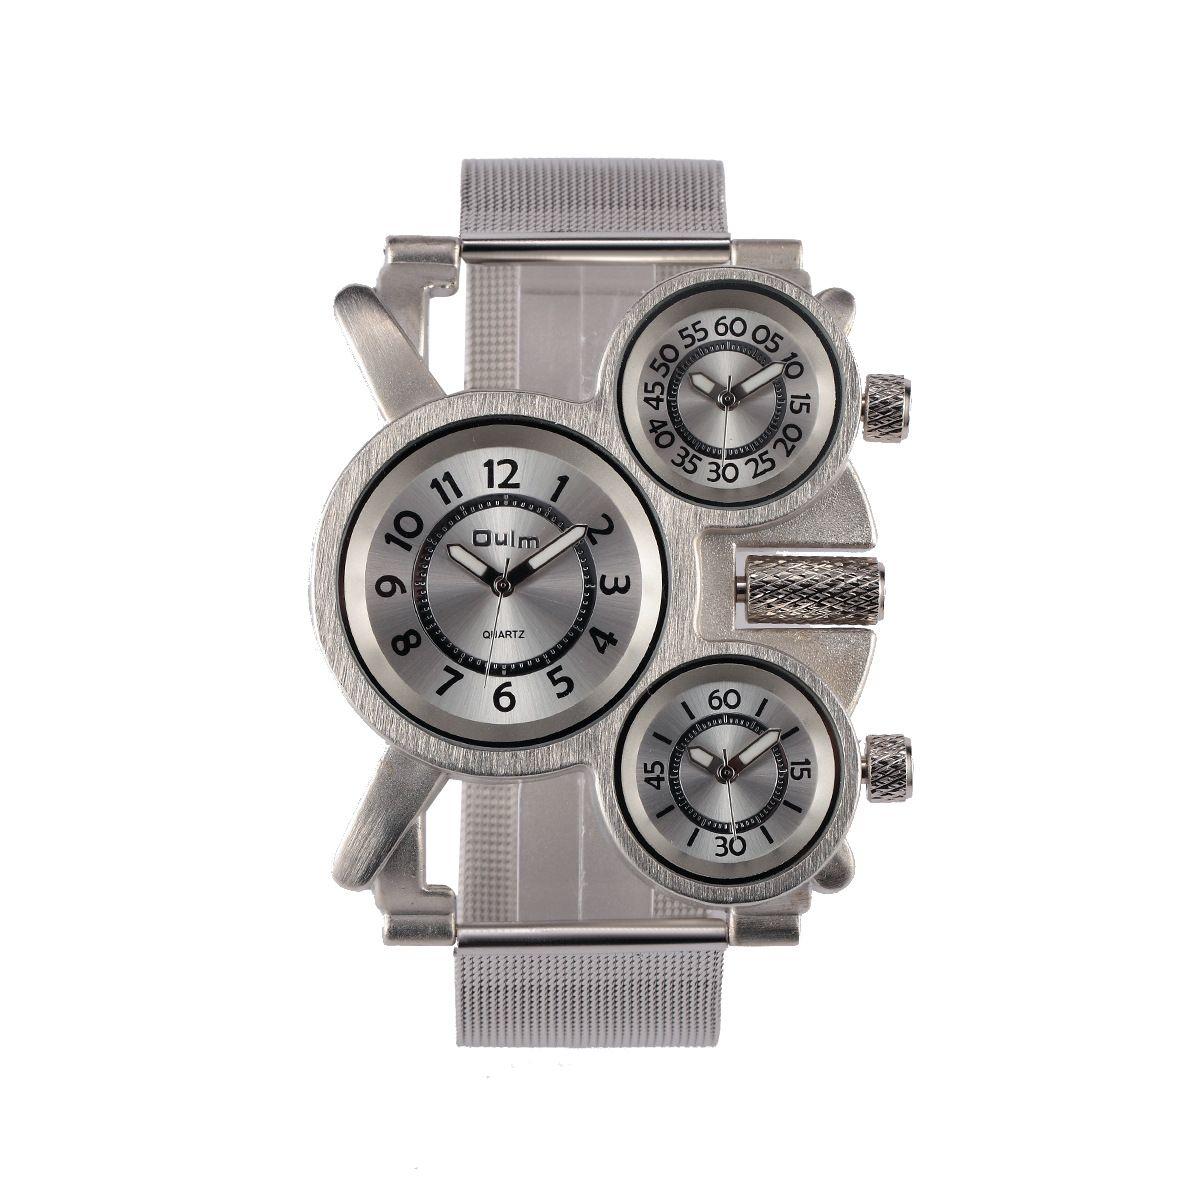 Vigilanza di modo di disegno di alta qualità di alta tendenza dell'orologio da polso dell'esercito degli uomini del quarzo degli uomini dell'esposizione di tempo tre del tempo 2018